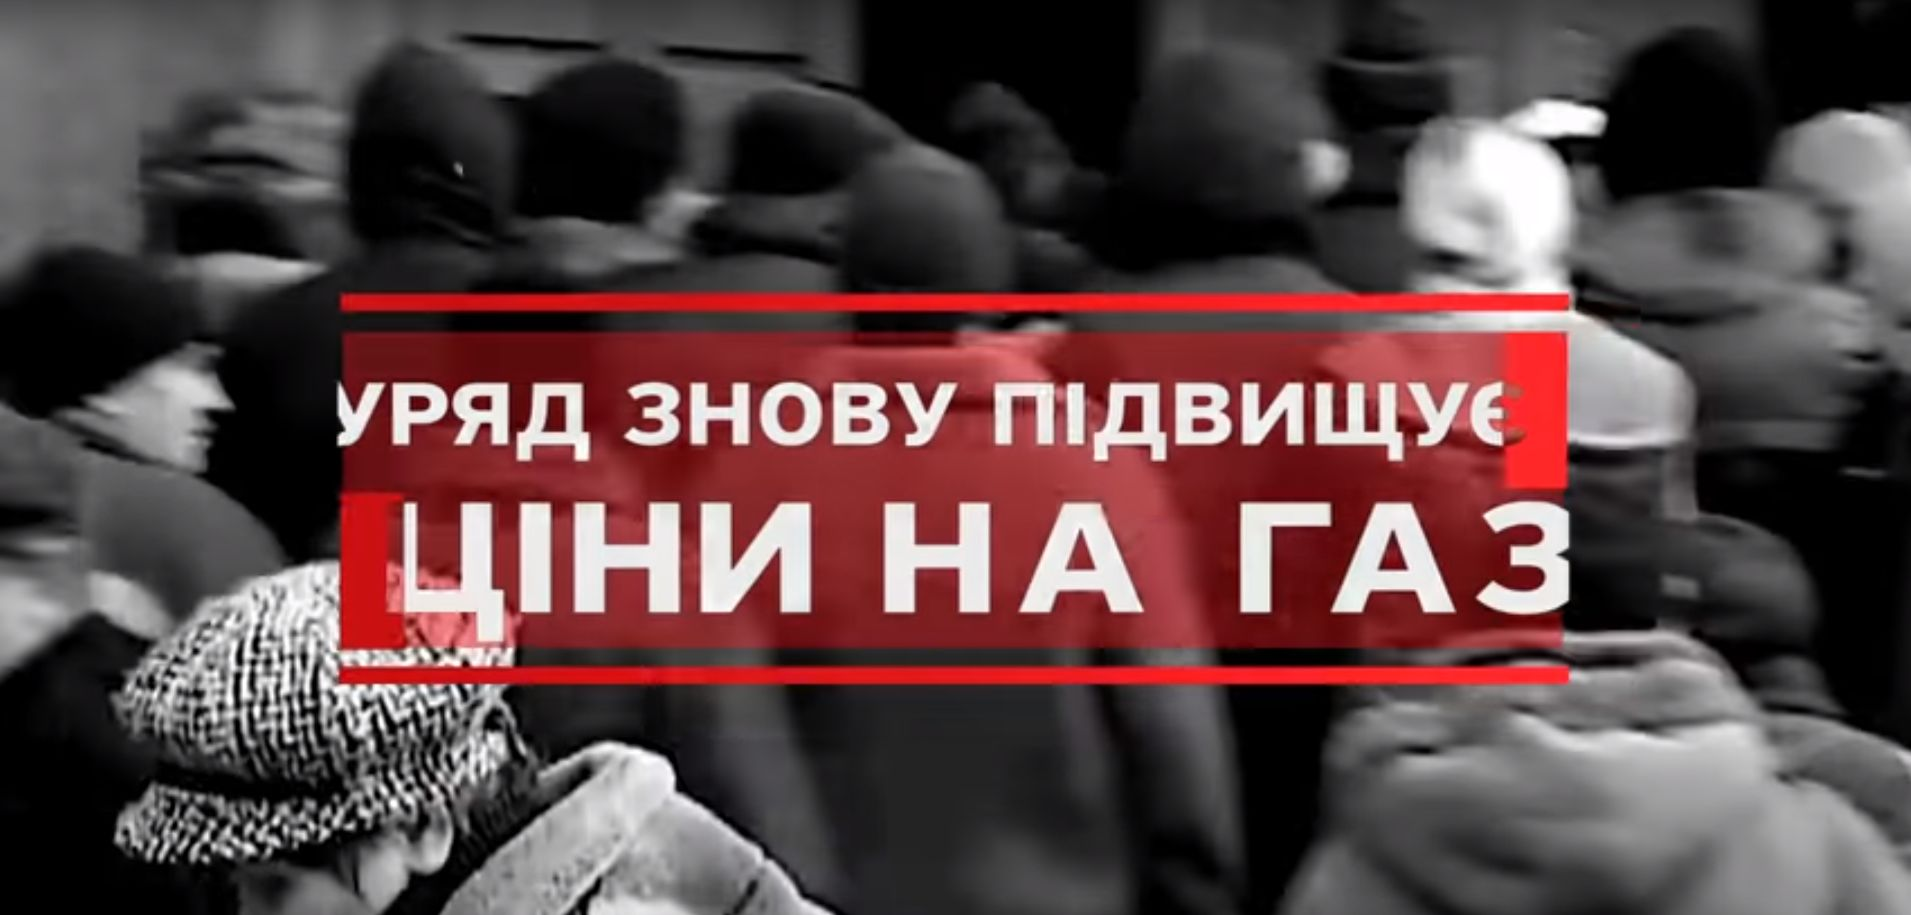 Чтобы снизить цифры в платежках почти втрое, необходимо пользоваться украинским газом, – «Наш край» (ВИДЕО)